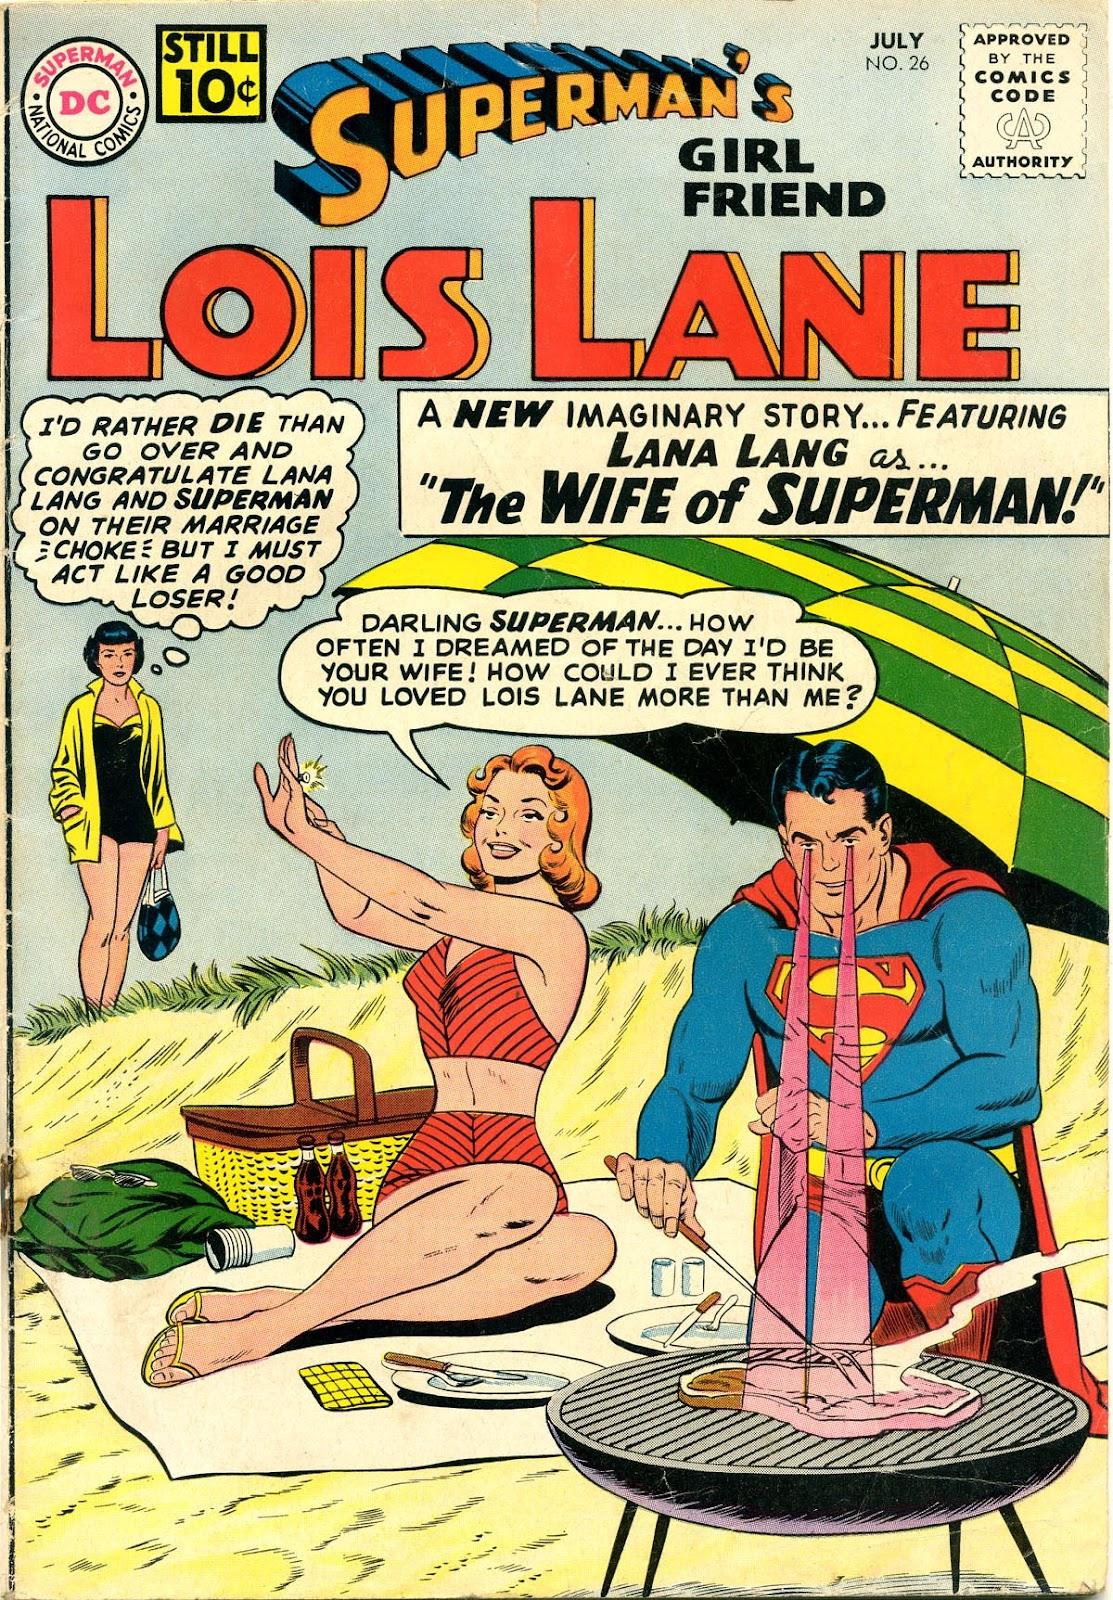 Supermans Girl Friend, Lois Lane 26 Page 1